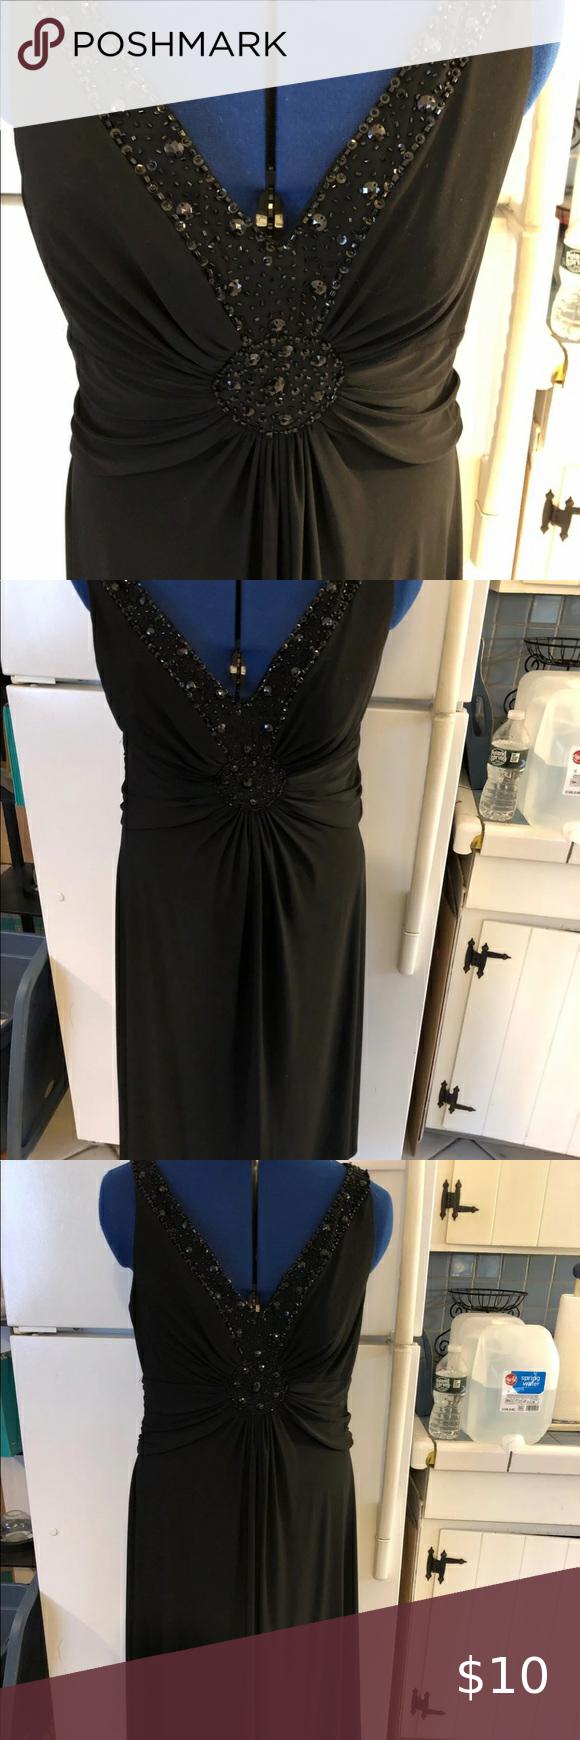 Beautiful Black Embellished Dress Size 16 Embellished Dress Size 16 Dresses Dresses [ 1740 x 580 Pixel ]